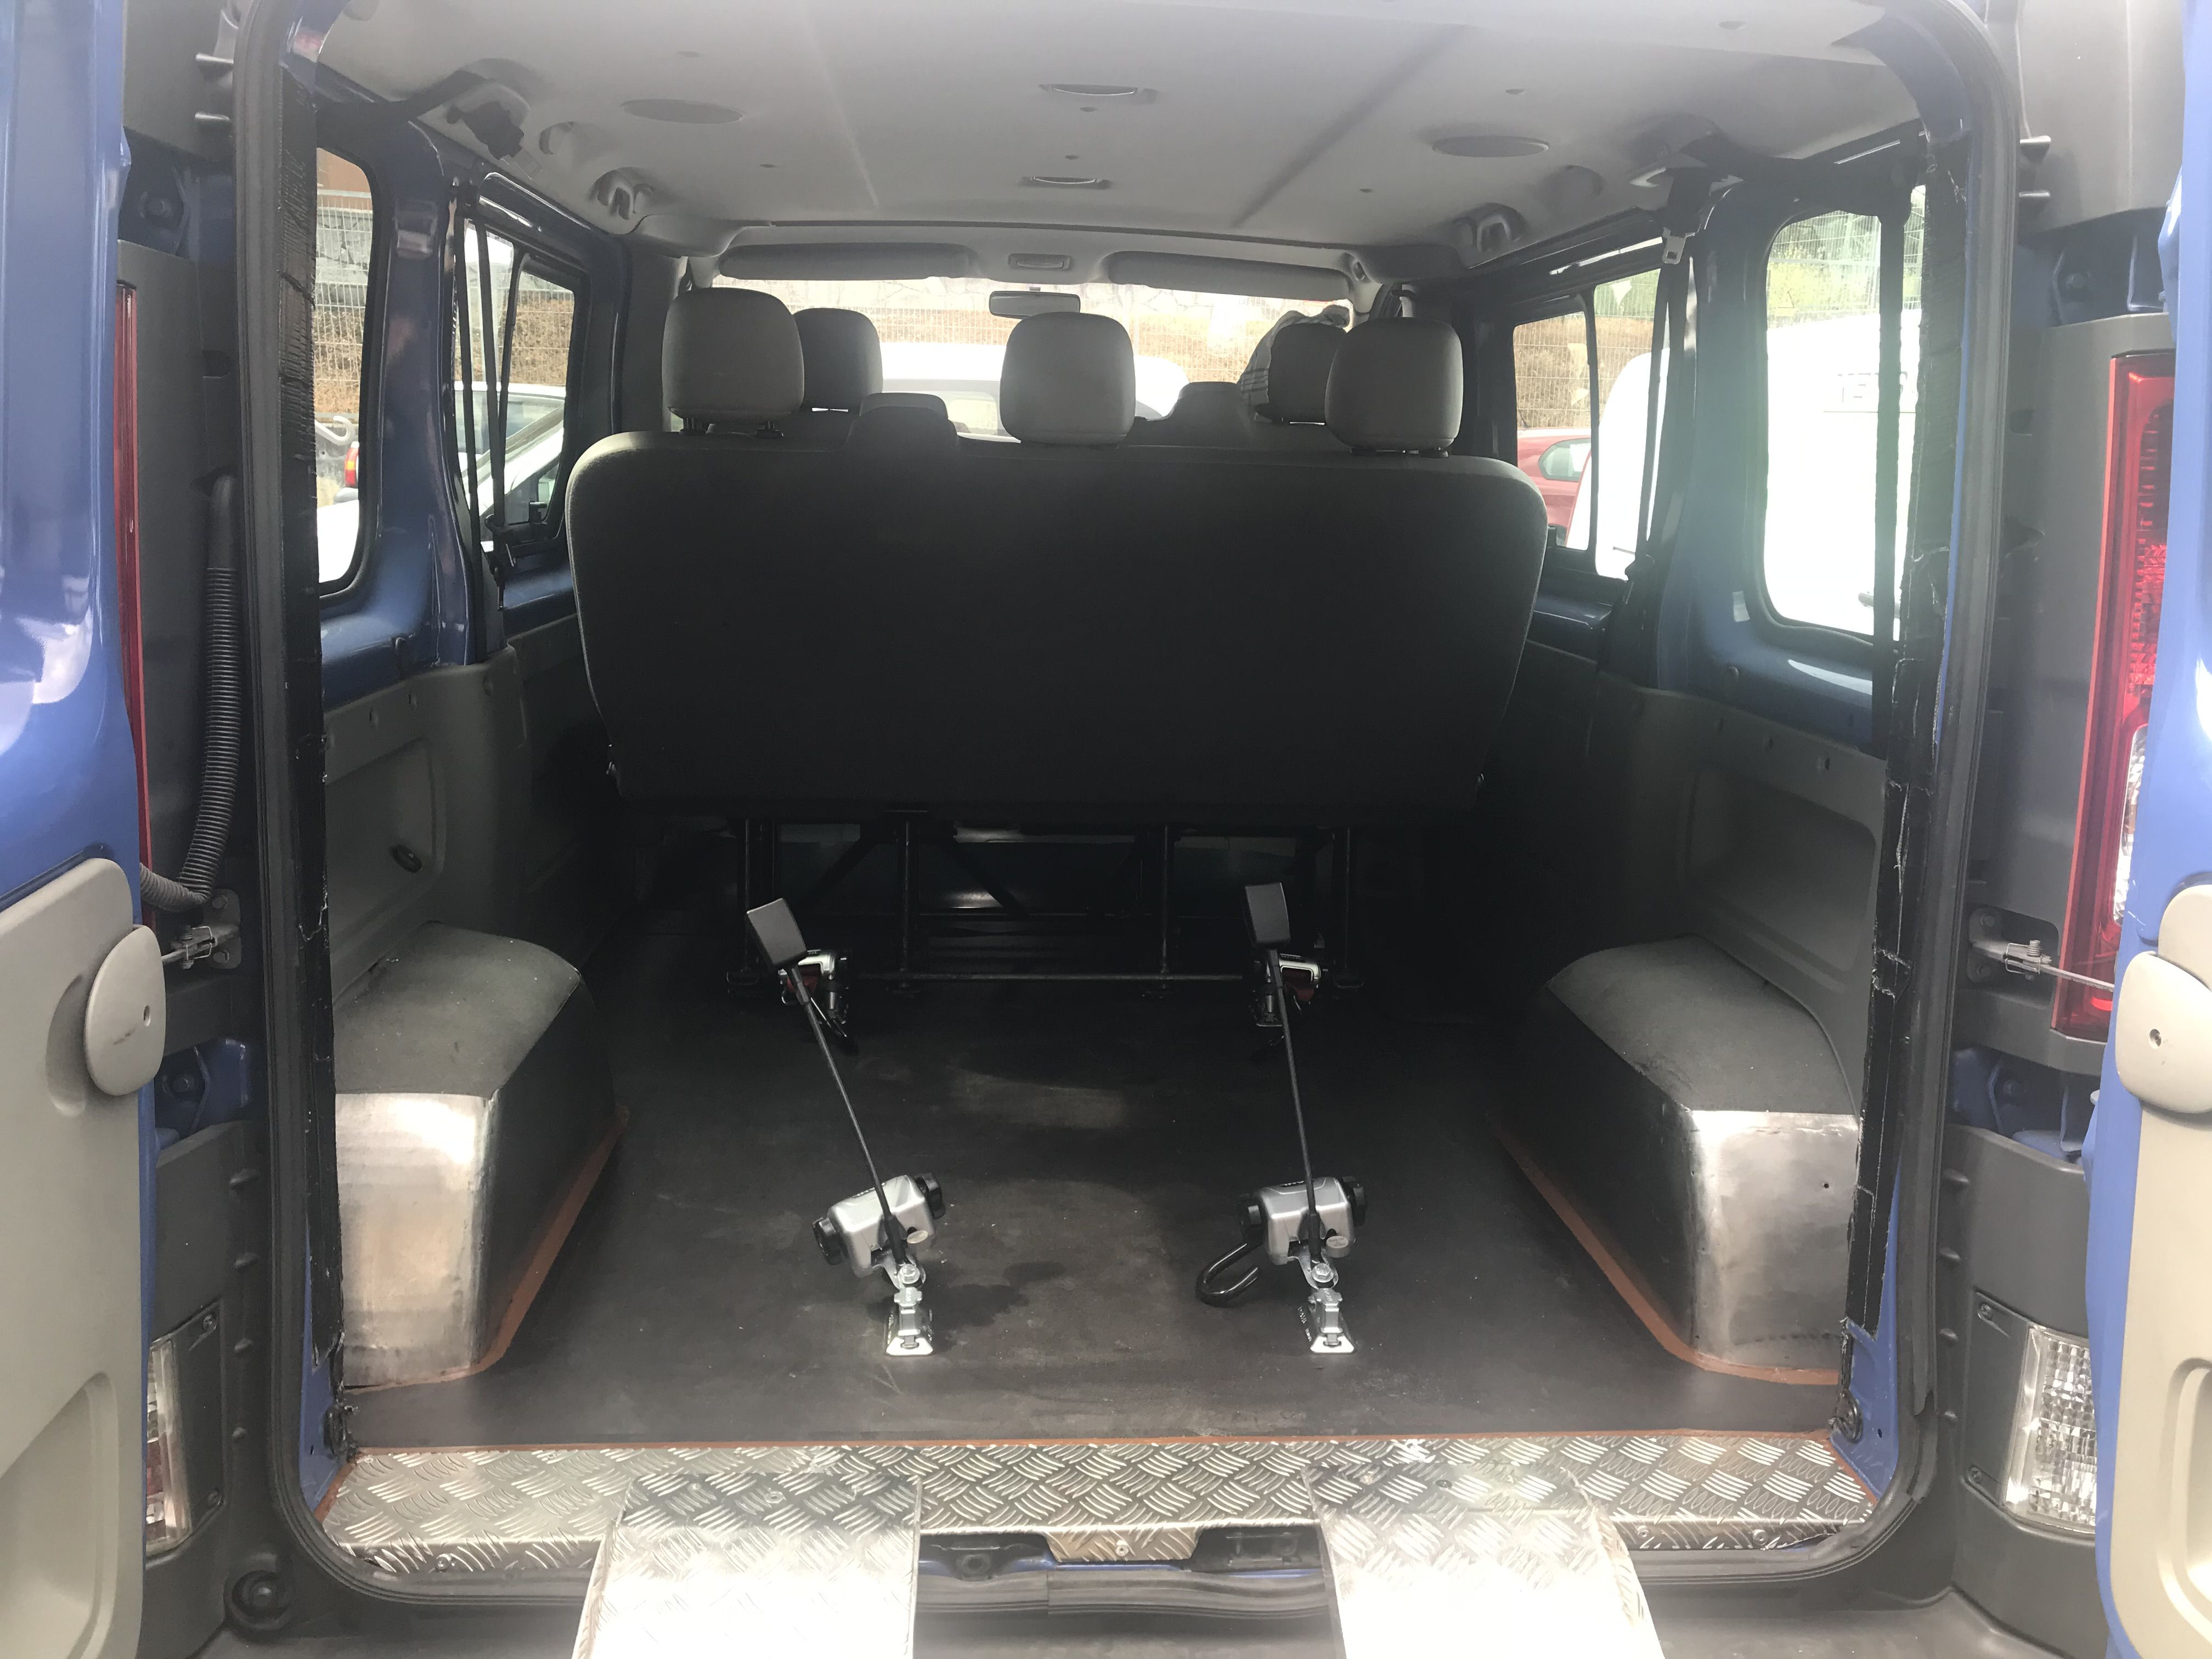 Adaptación realizada en Opel Vivaro